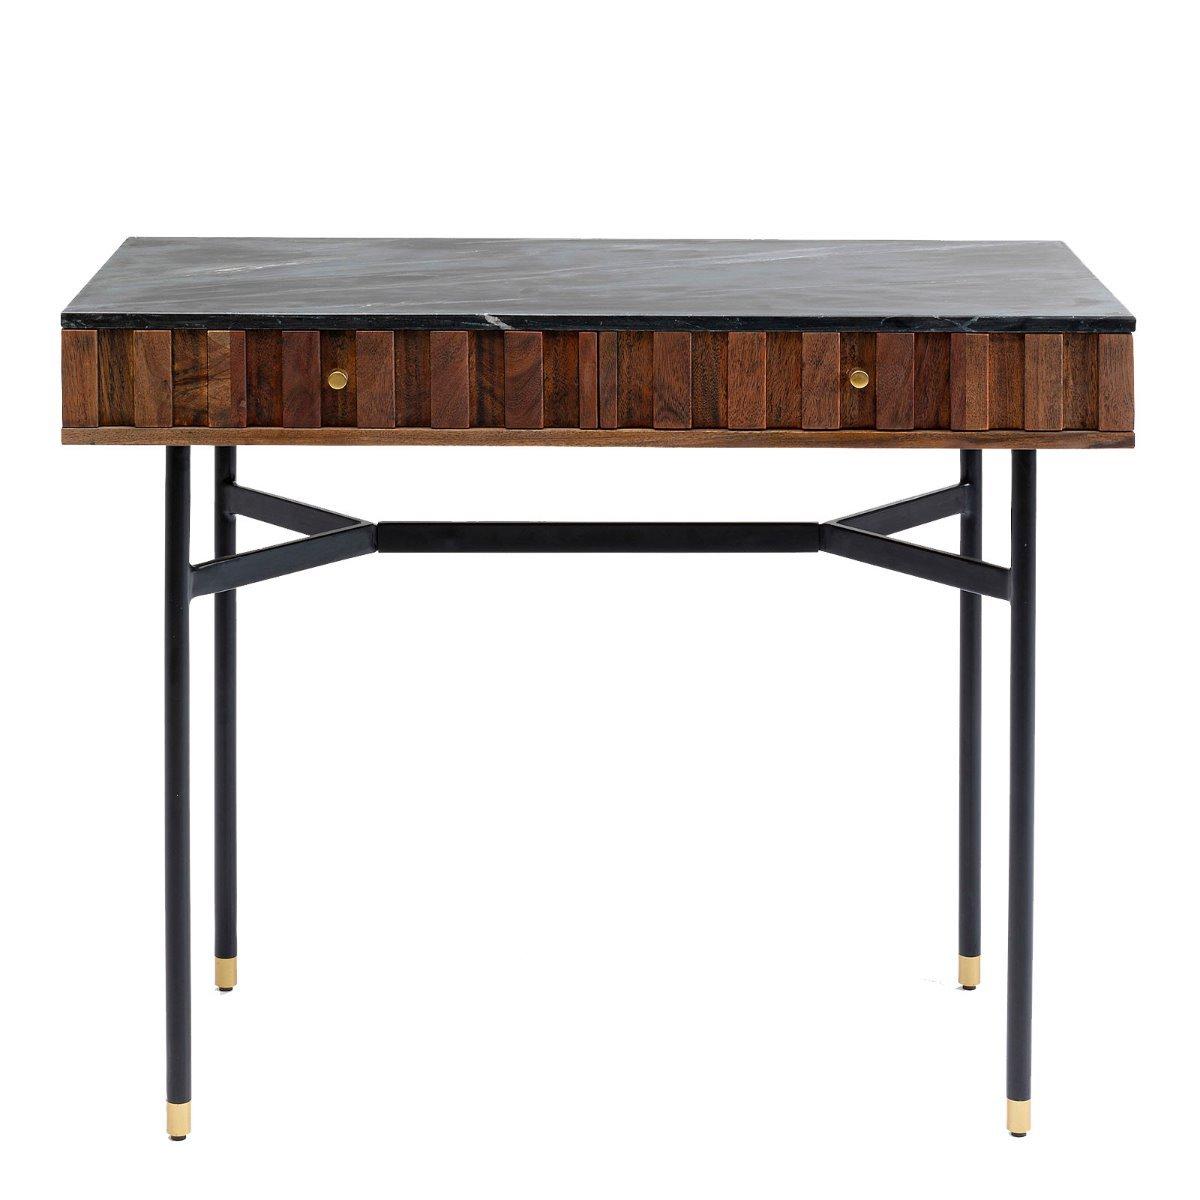 Kare Design bureau apiano hout 76 x 90 x 40